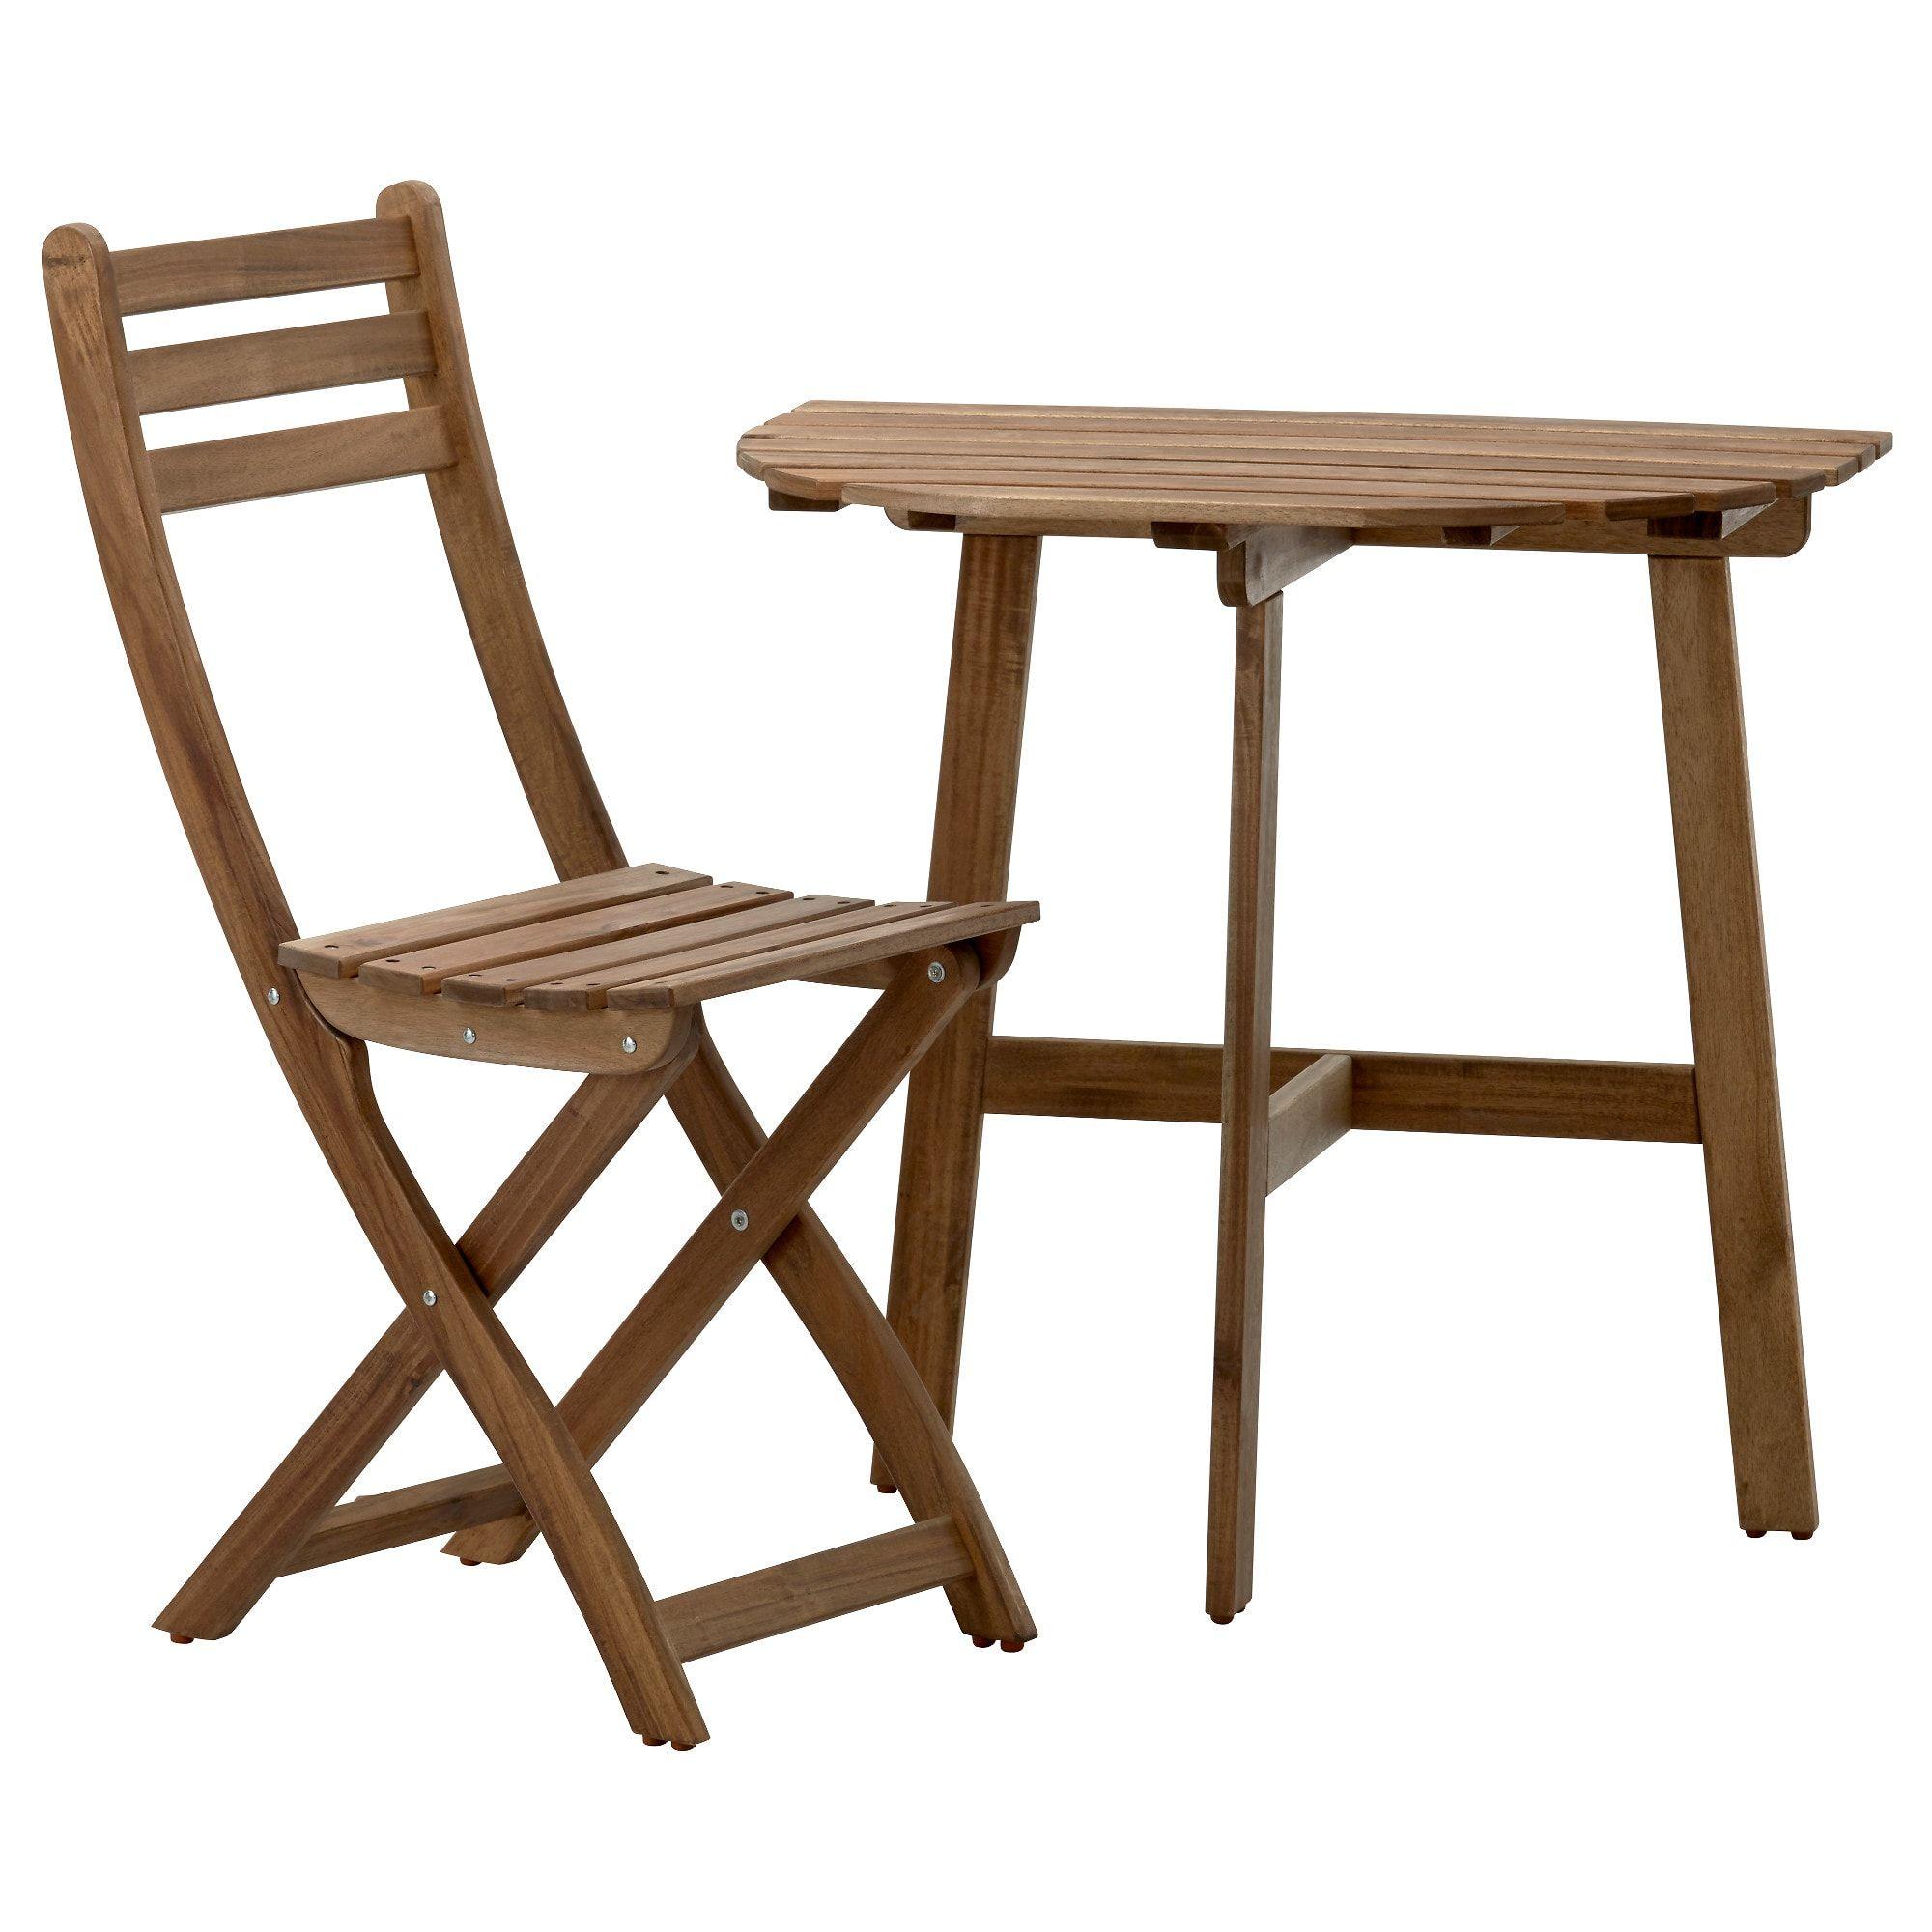 Askholmen Wandtisch Klappstuhl Aussen Graubraun Lasiert Ikea